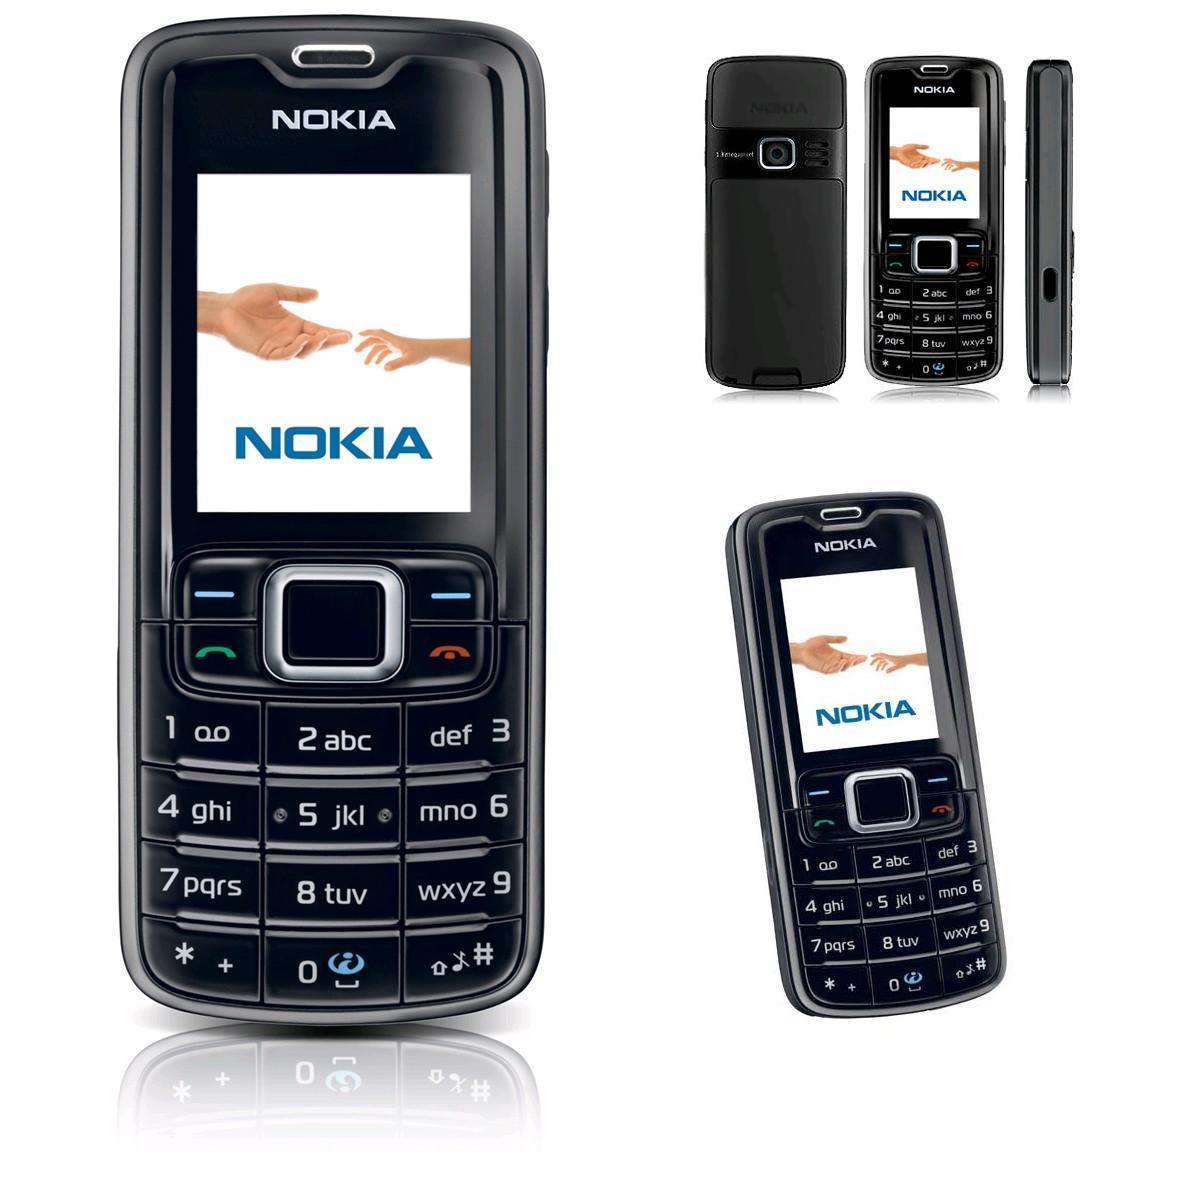 nokia 3110 classcis the nokia 3110 classic is a mobile phone rh 3110c blogspot com User Training User Webcast